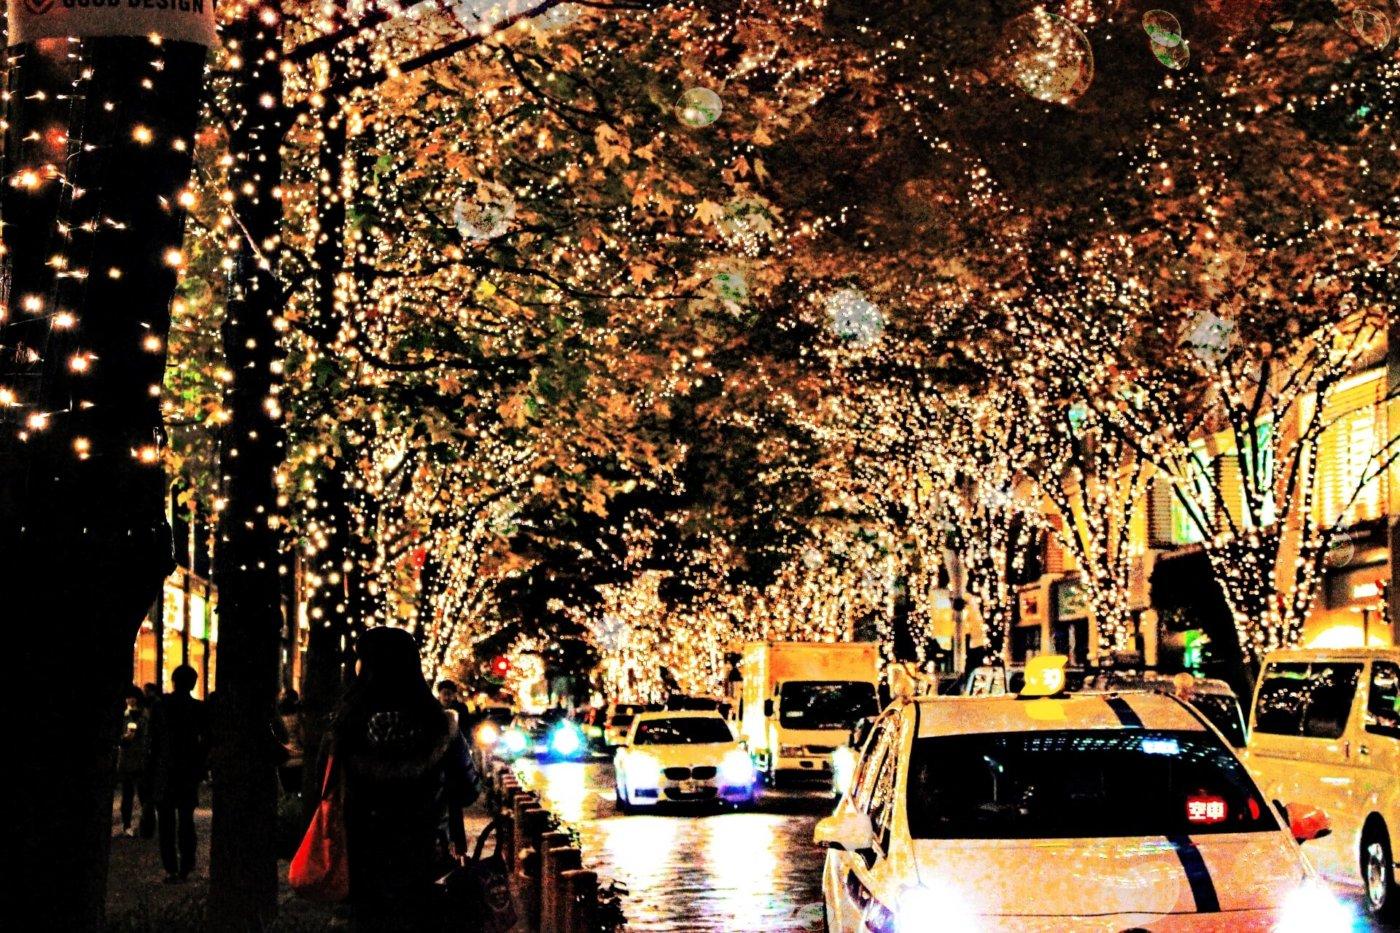 東京でイルミネーションを楽しみましょう!